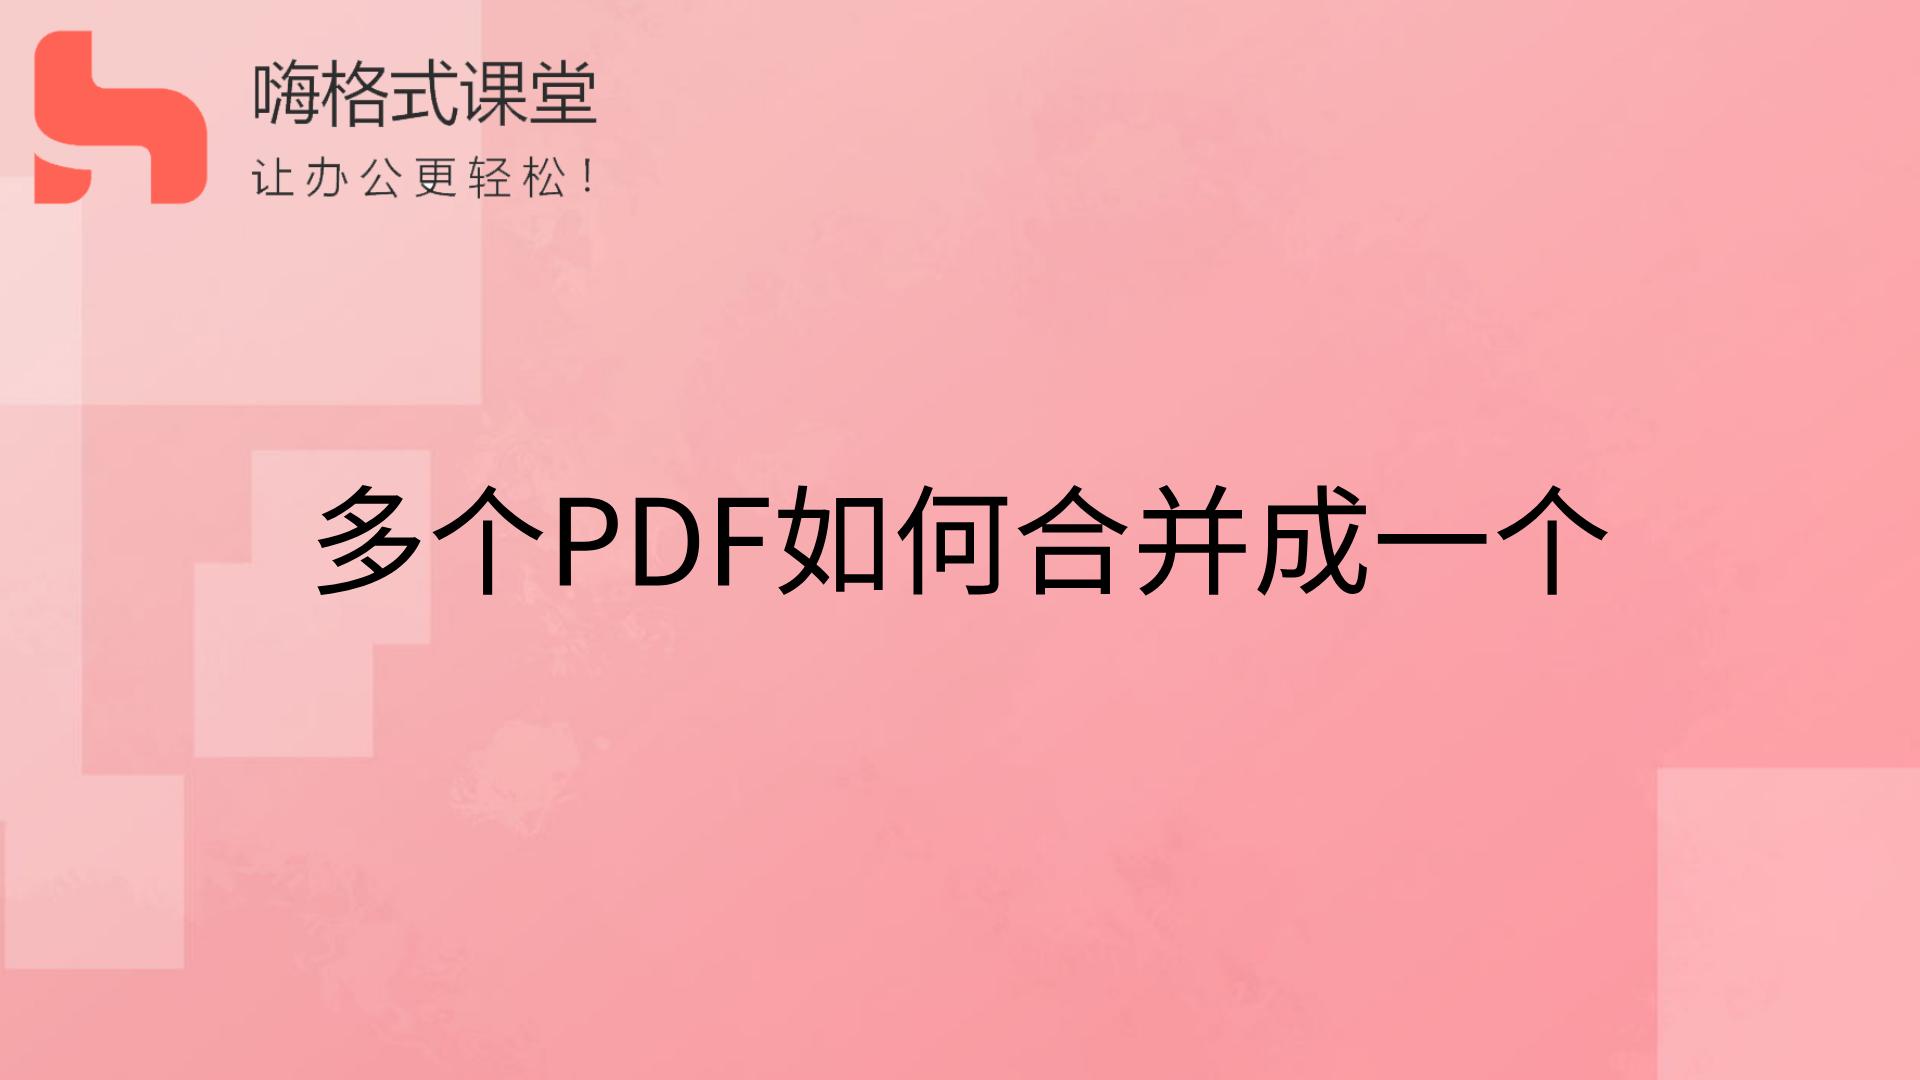 多个PDF如何合并成一个